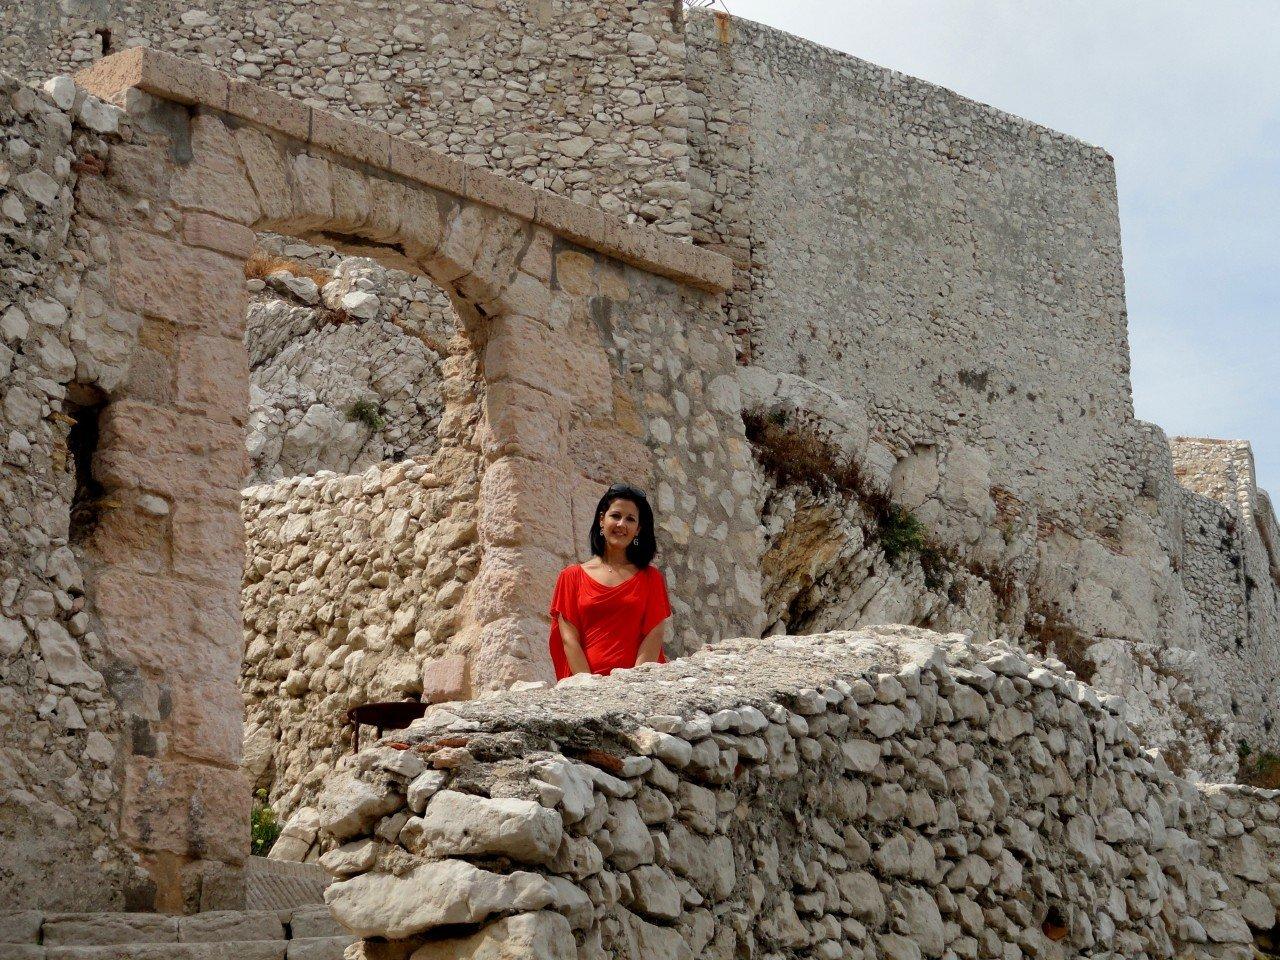 visita al chateau d'if, marsiglia cosa vedere